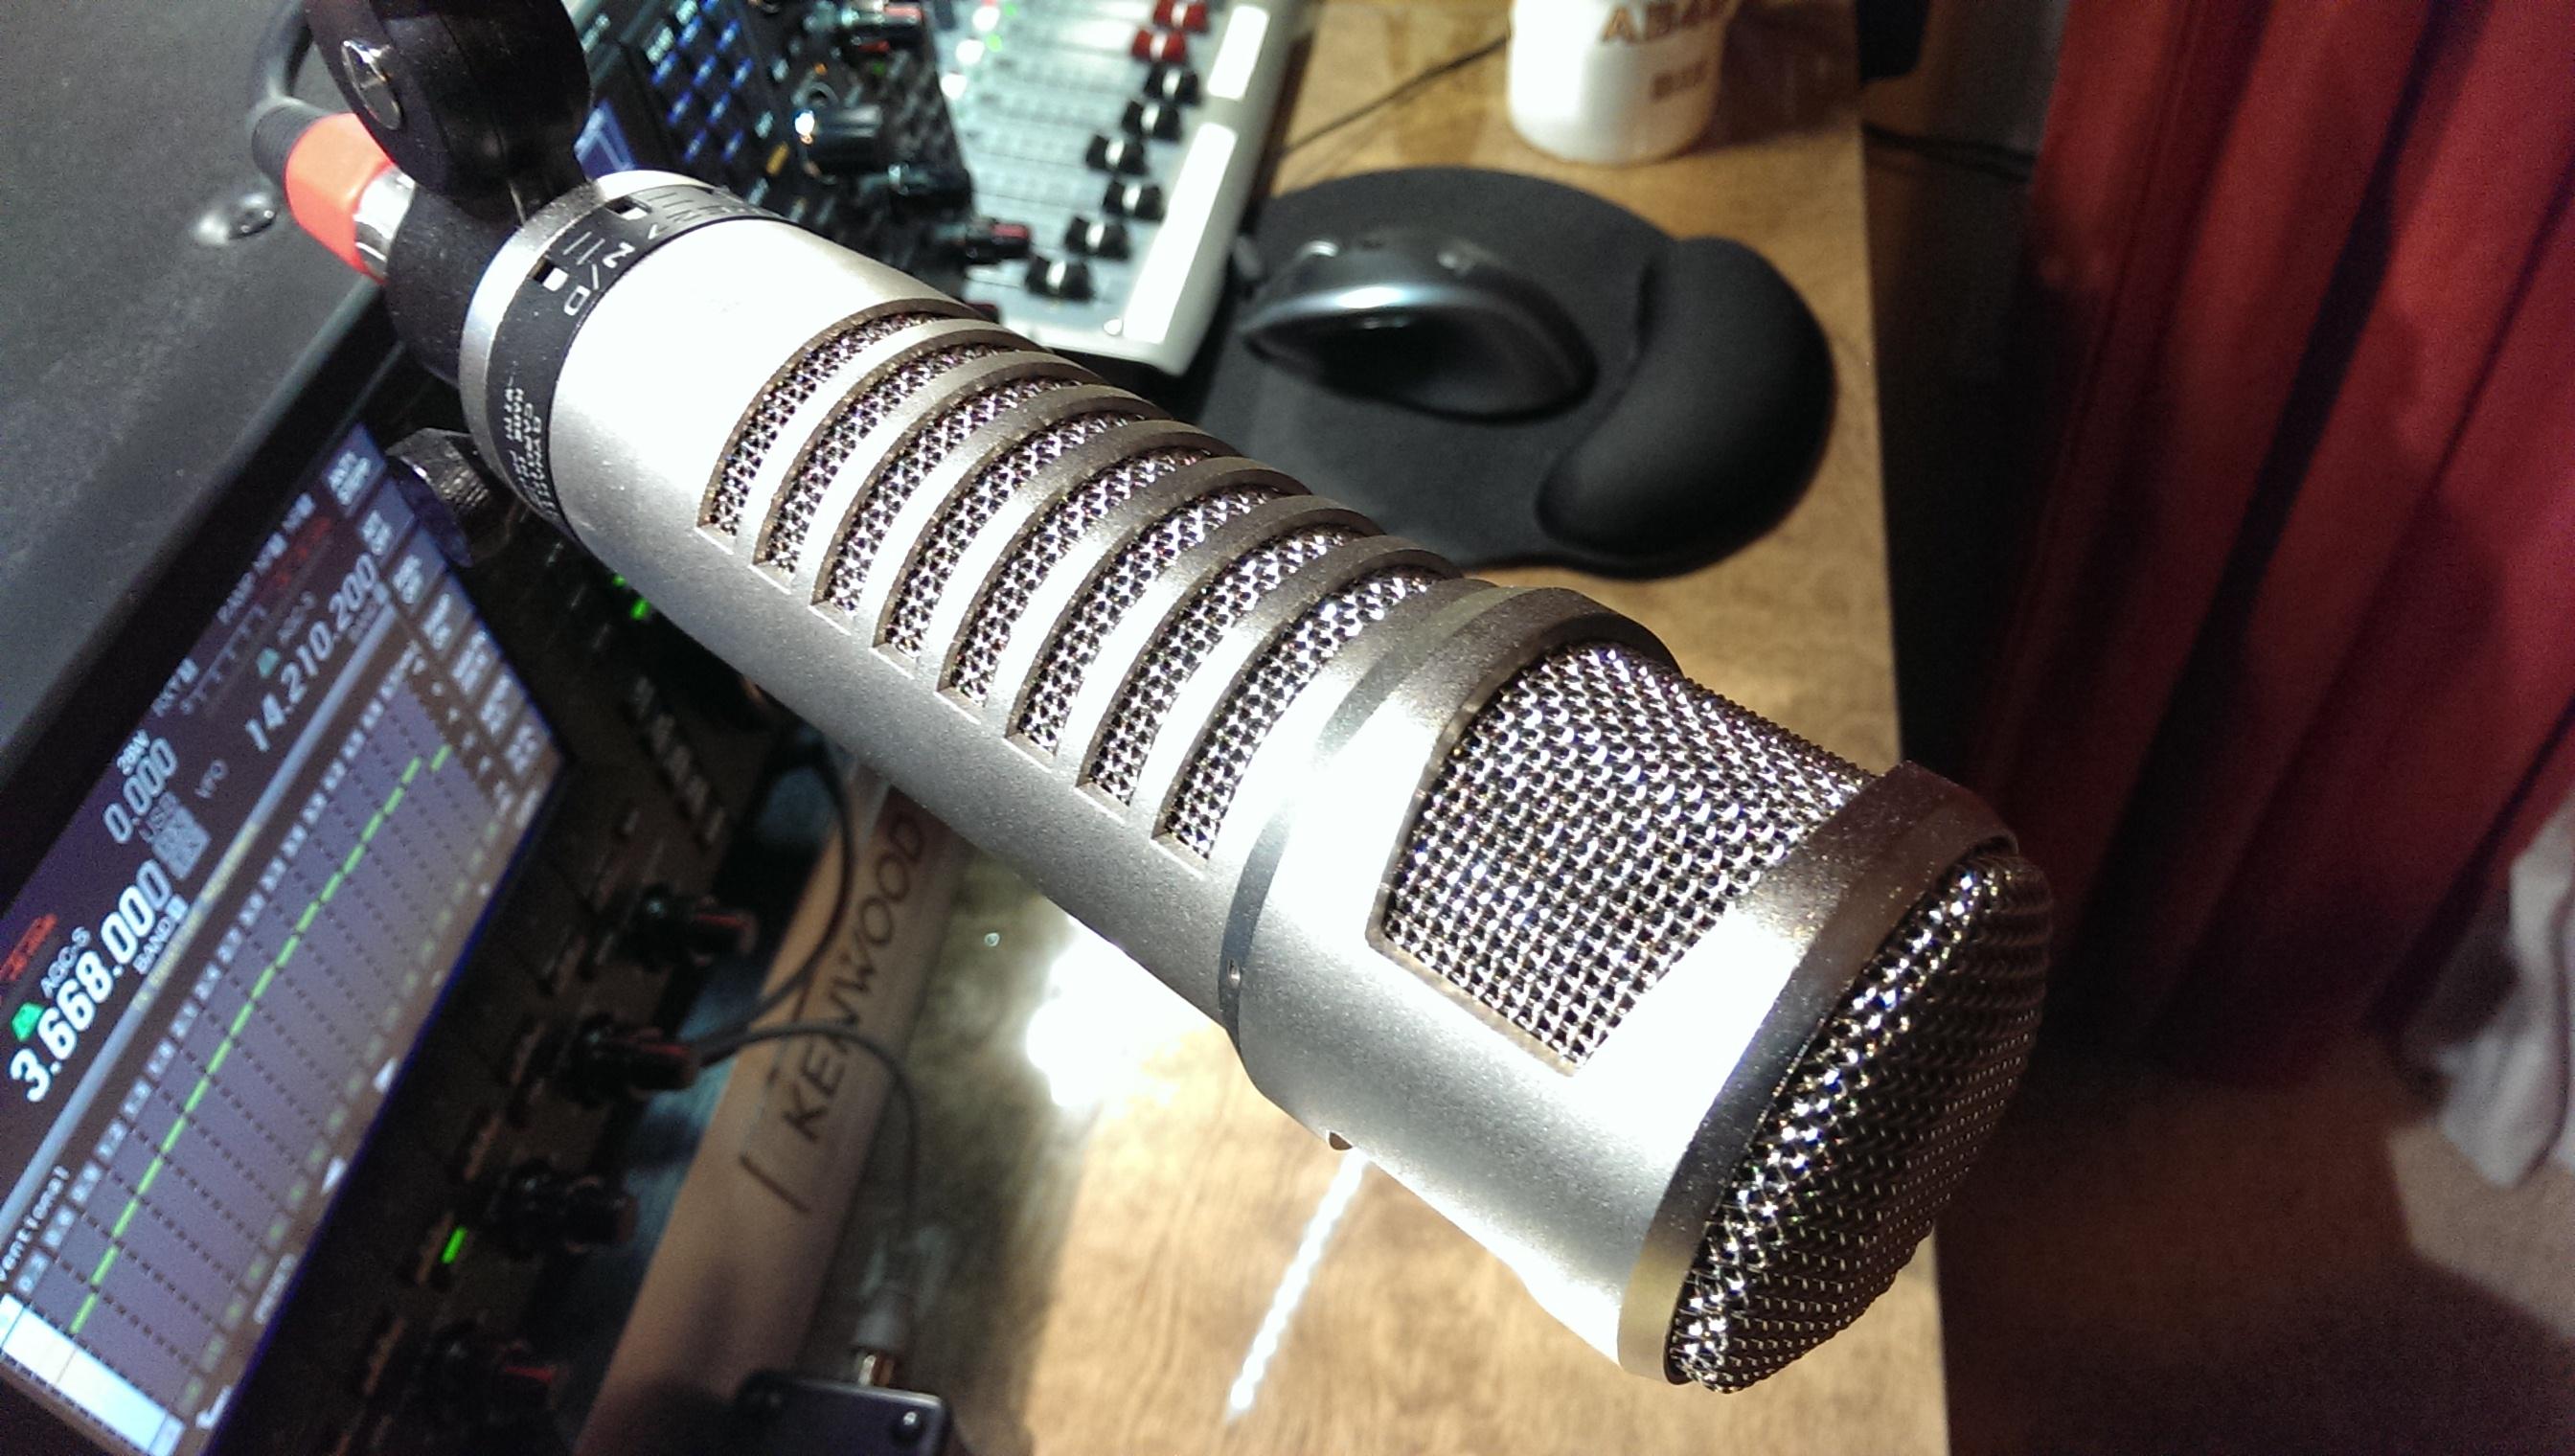 Transmit Audio Settings on the Kenwood TS-990   AB4BJ